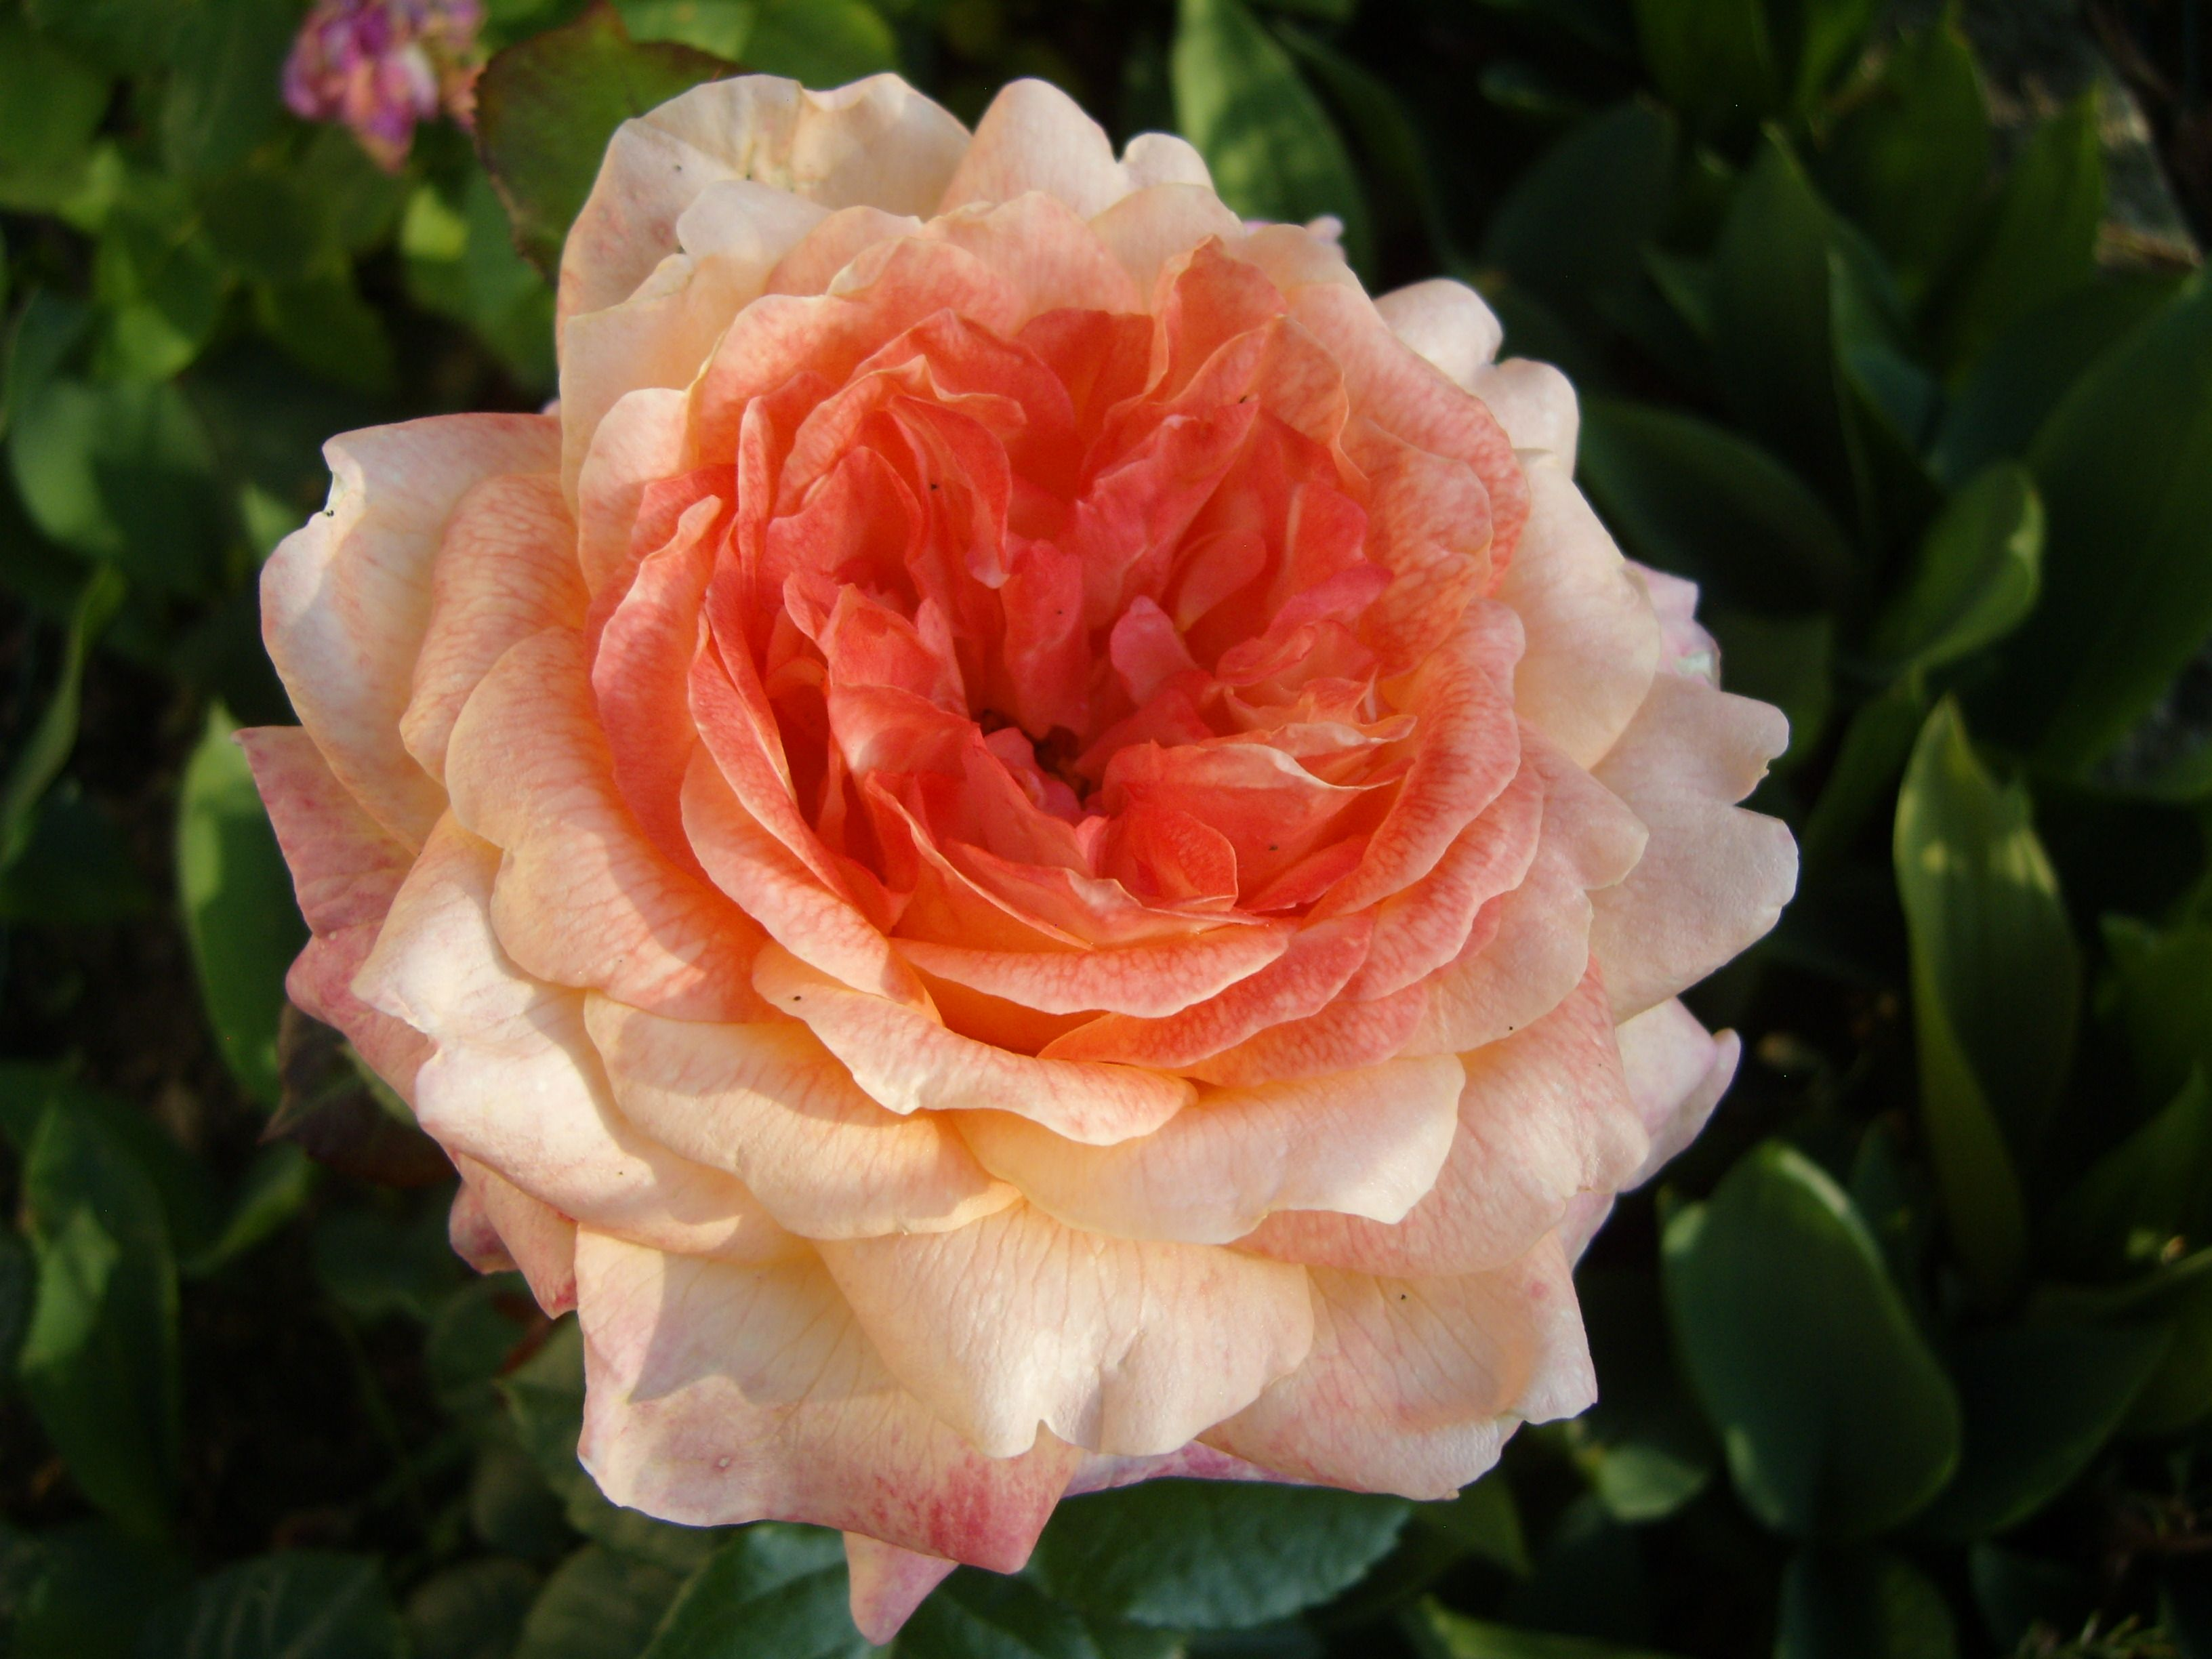 Fonds ecran roses for Fond ecran rose